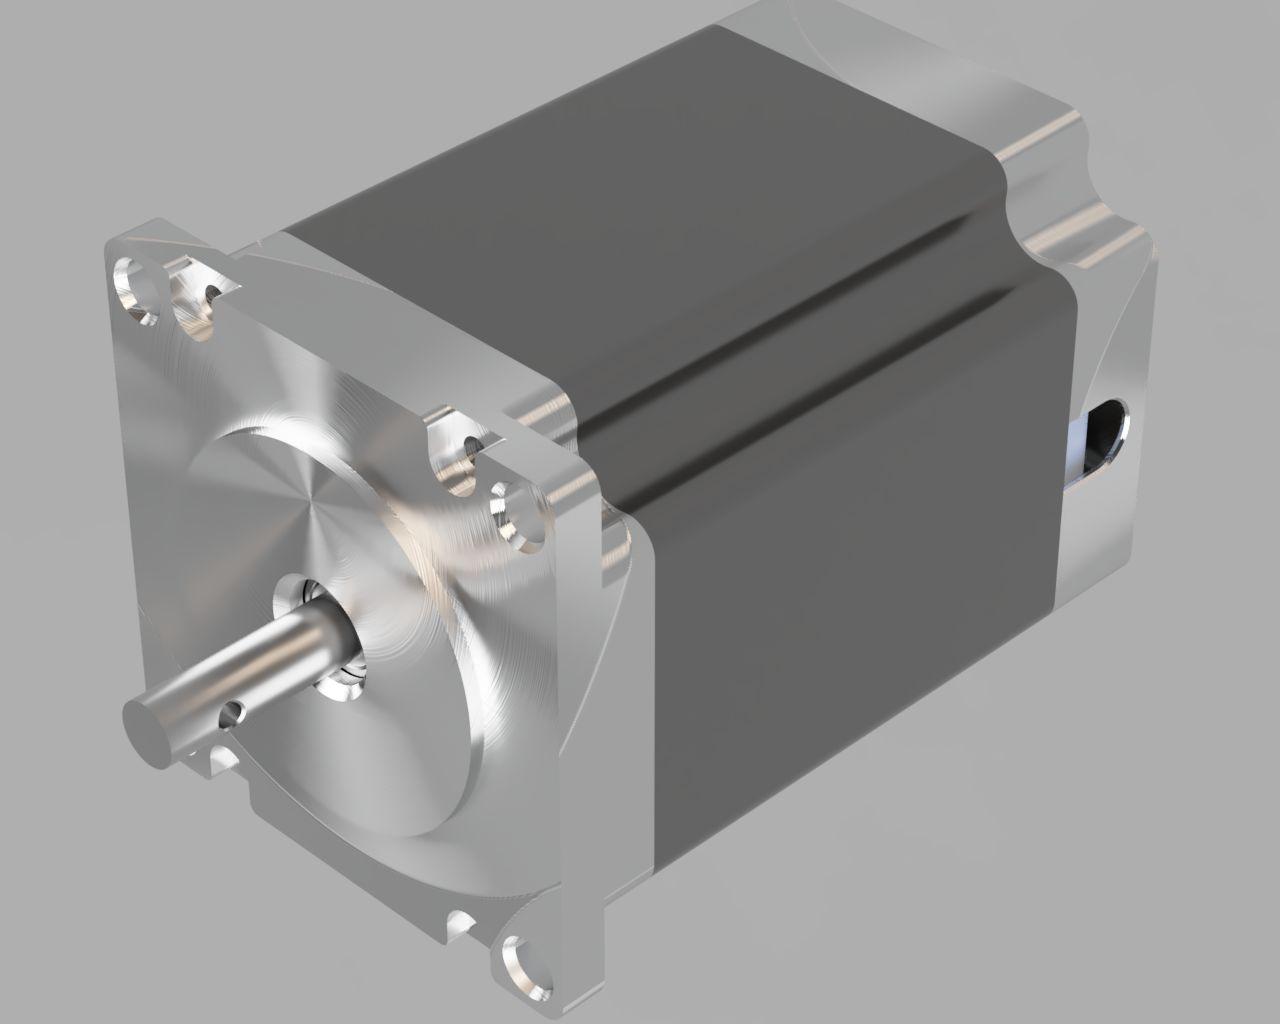 Stepper-motor-nema-23-2019-sep-04-05-11-26am-000-customizedview30018718593-3500-3500